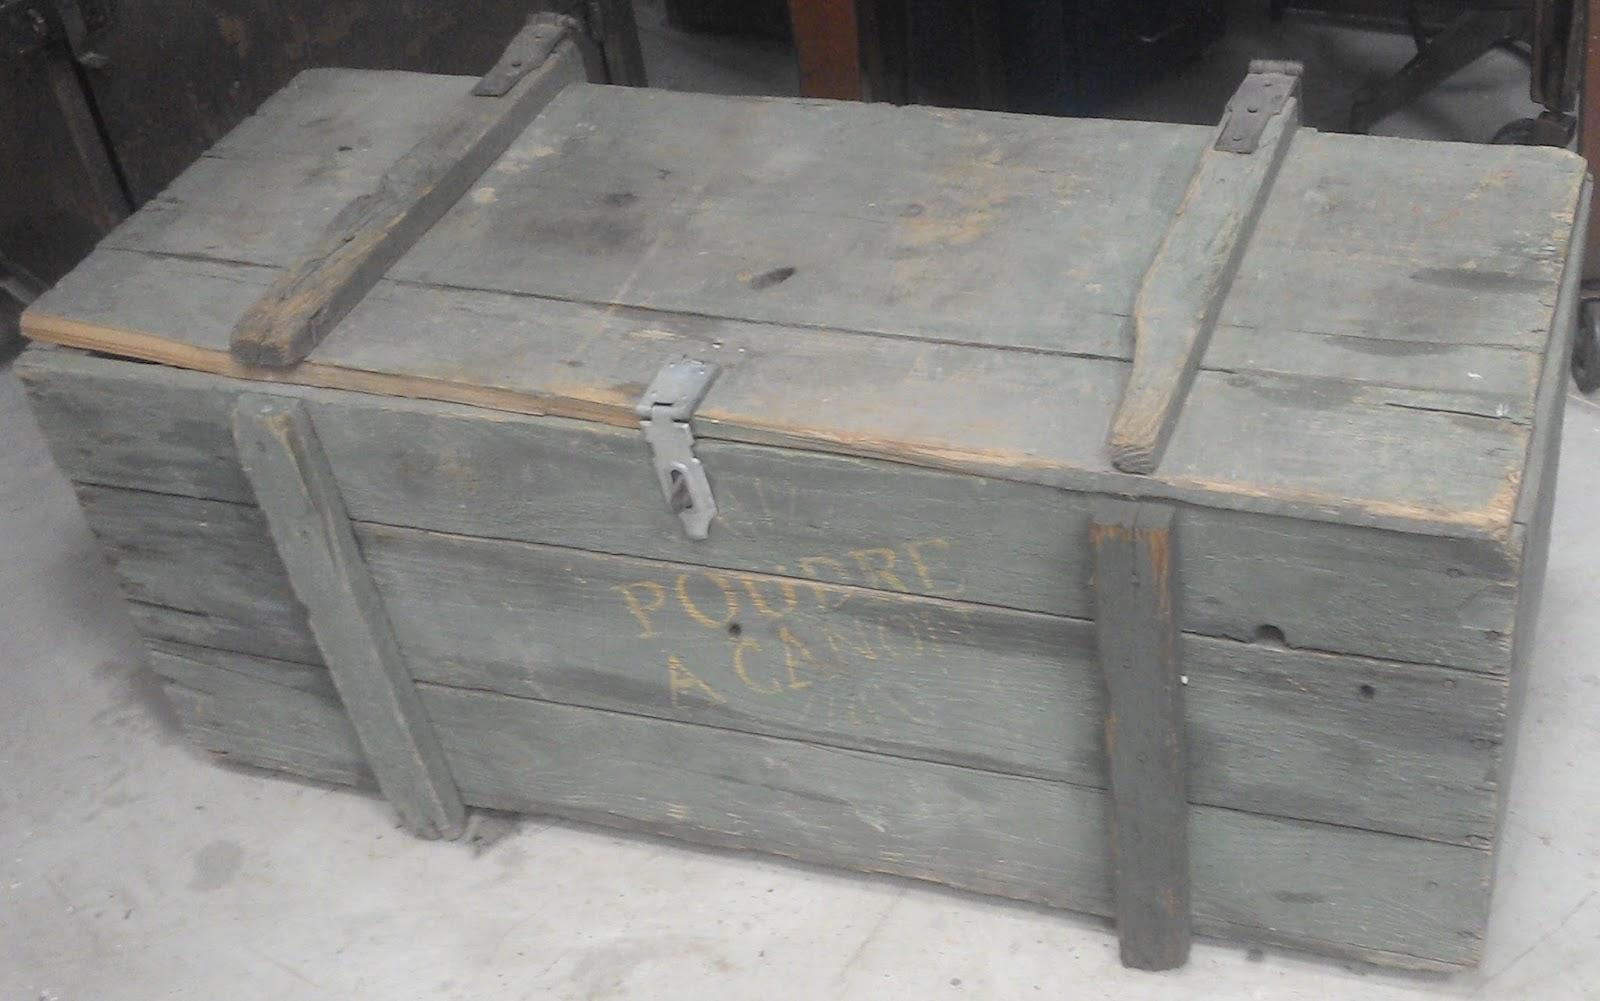 Ancienne malle caisse a munition poudre a canon en bois militaire pirate - Caisse en bois ancienne ...